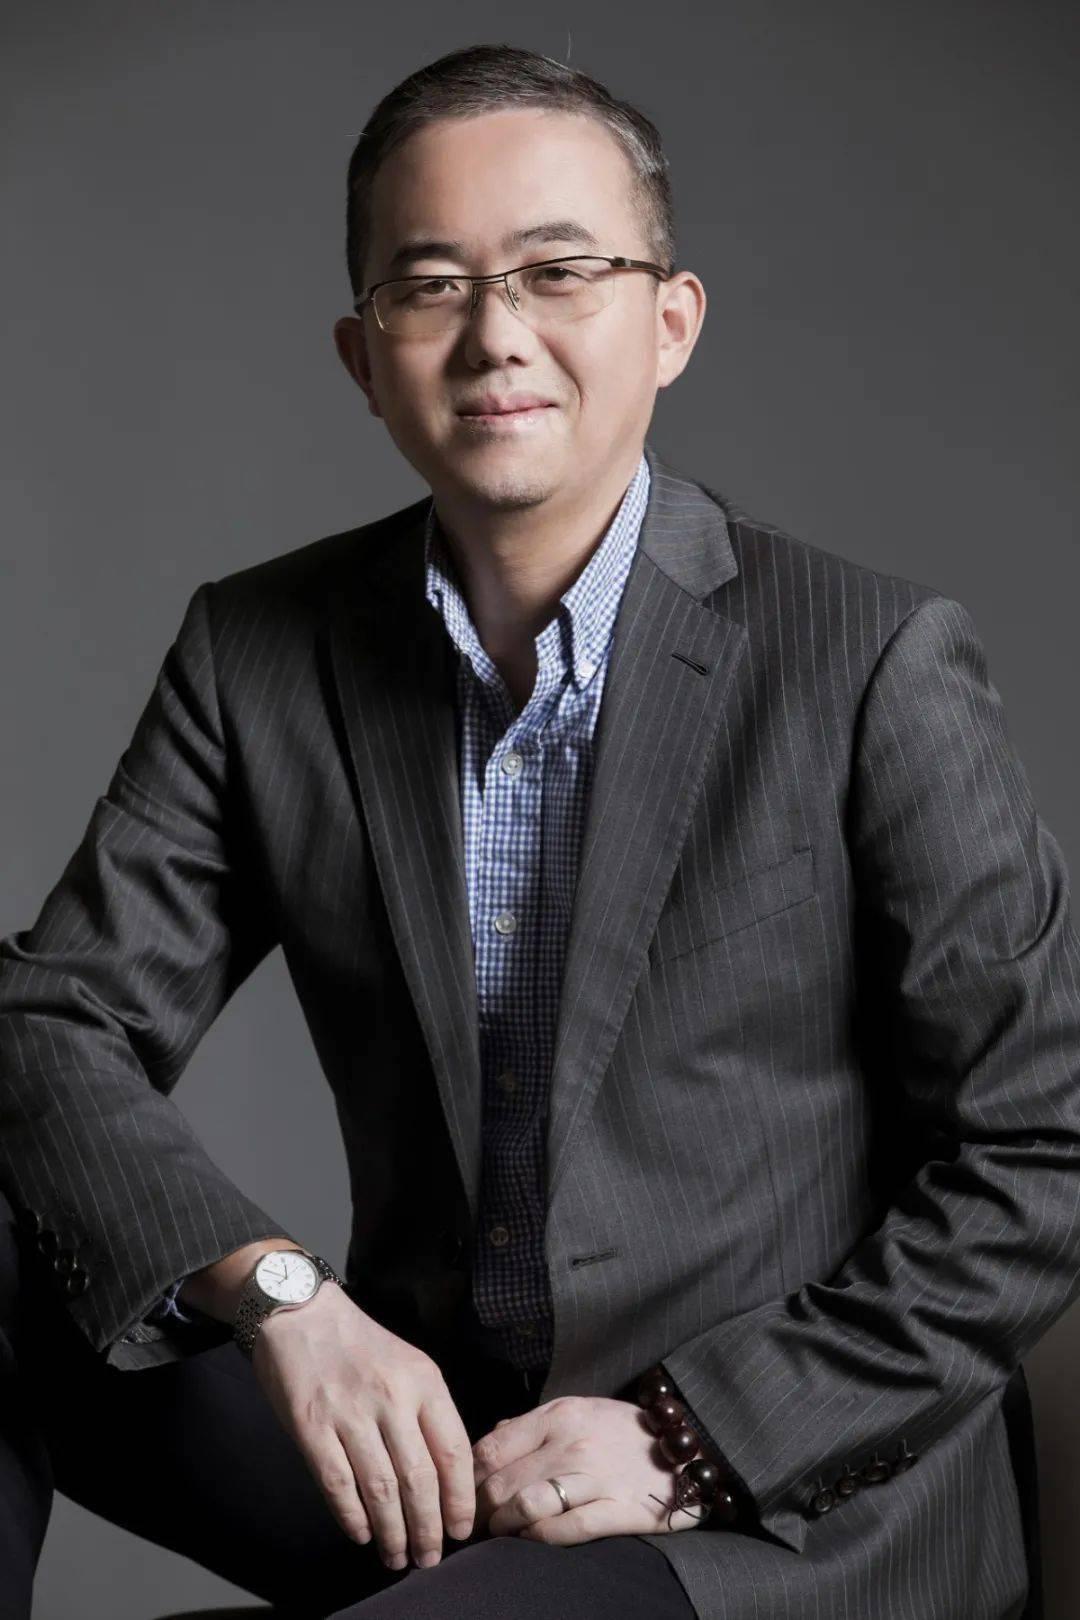 对话国是金融改革研究院院长刘胜军:拉动消费是决定经济复苏的关键;内外双循环会让中国变得更强大